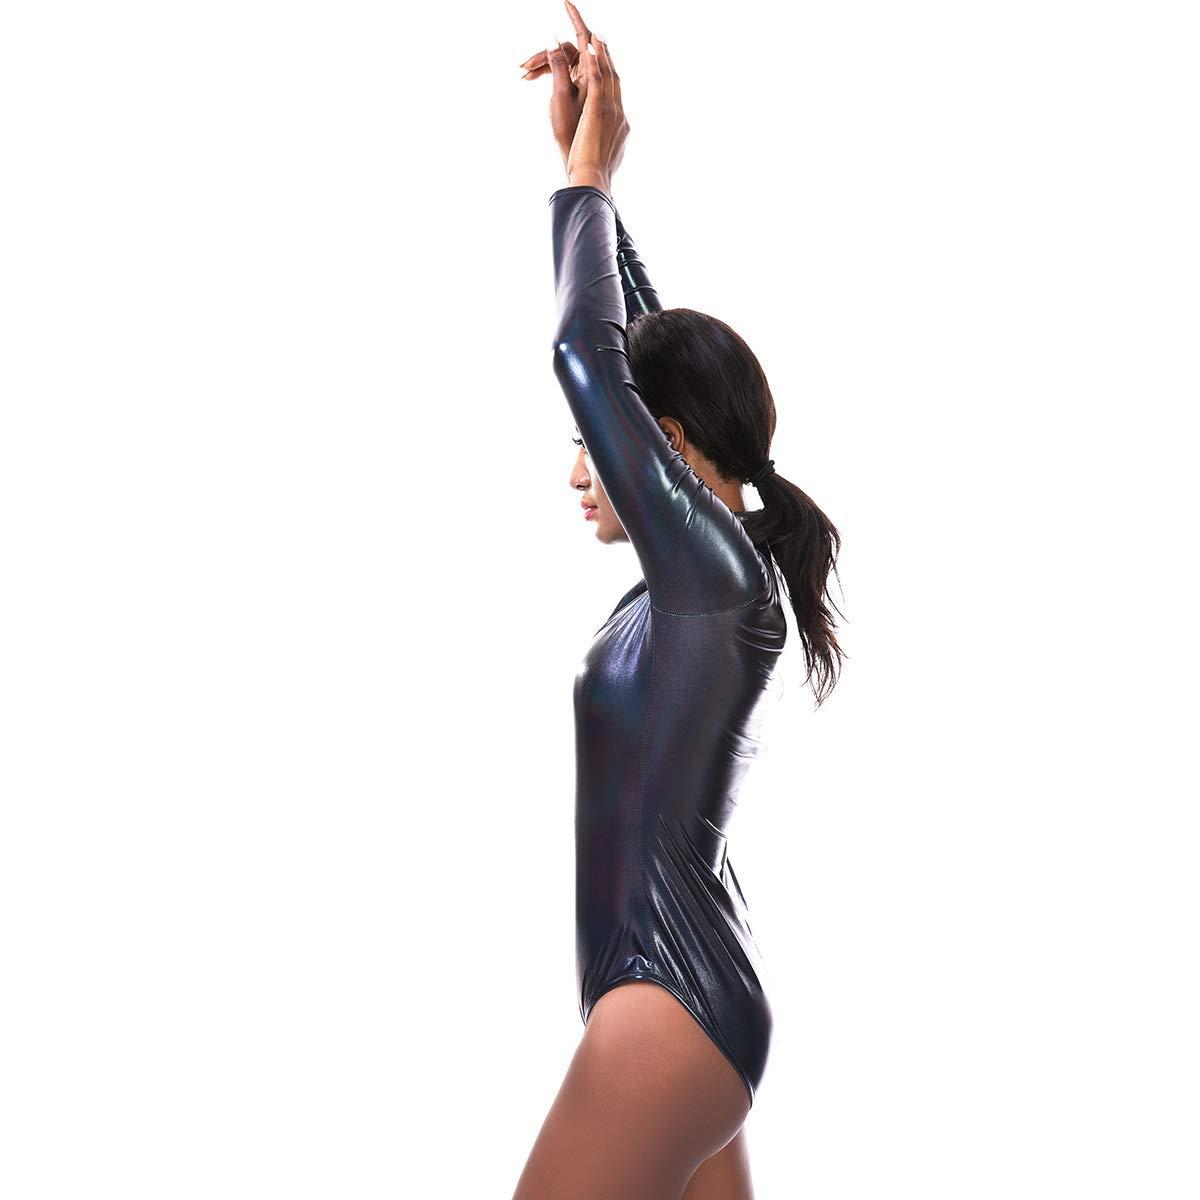 Maillot de Ballet para Mujer Lycra, Cuello Alto, Metal IBAKOM